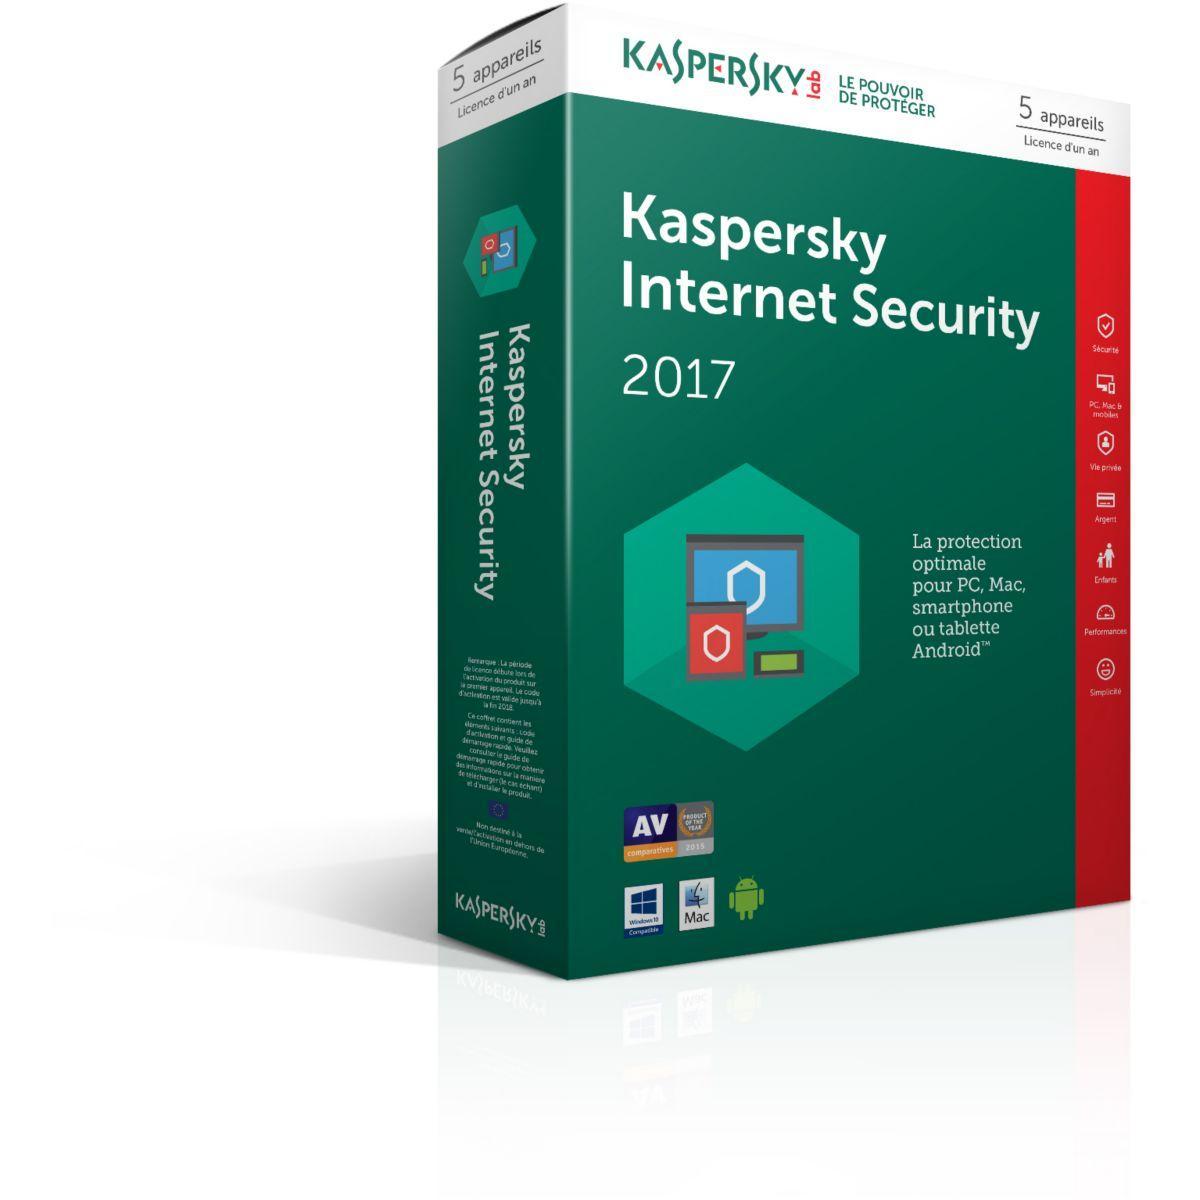 Logiciel antivirus pc kaspersky internet security 2017 5 postes / 1 an - 20% de remise immédiate avec le code : cash20 (photo)